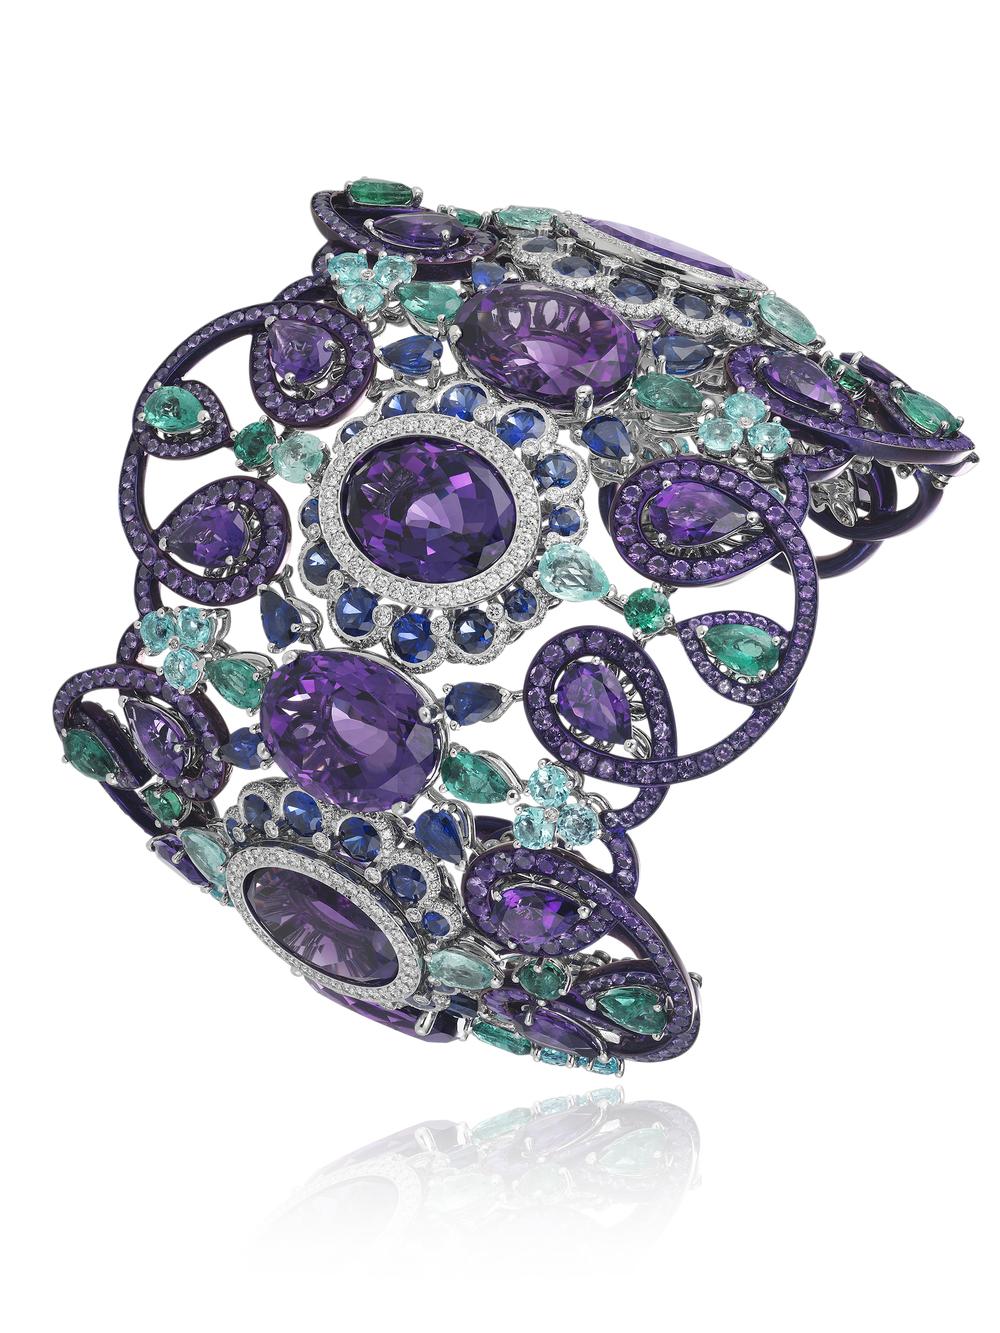 859759-9001 Haute Joaillerie Bracelet.jpg